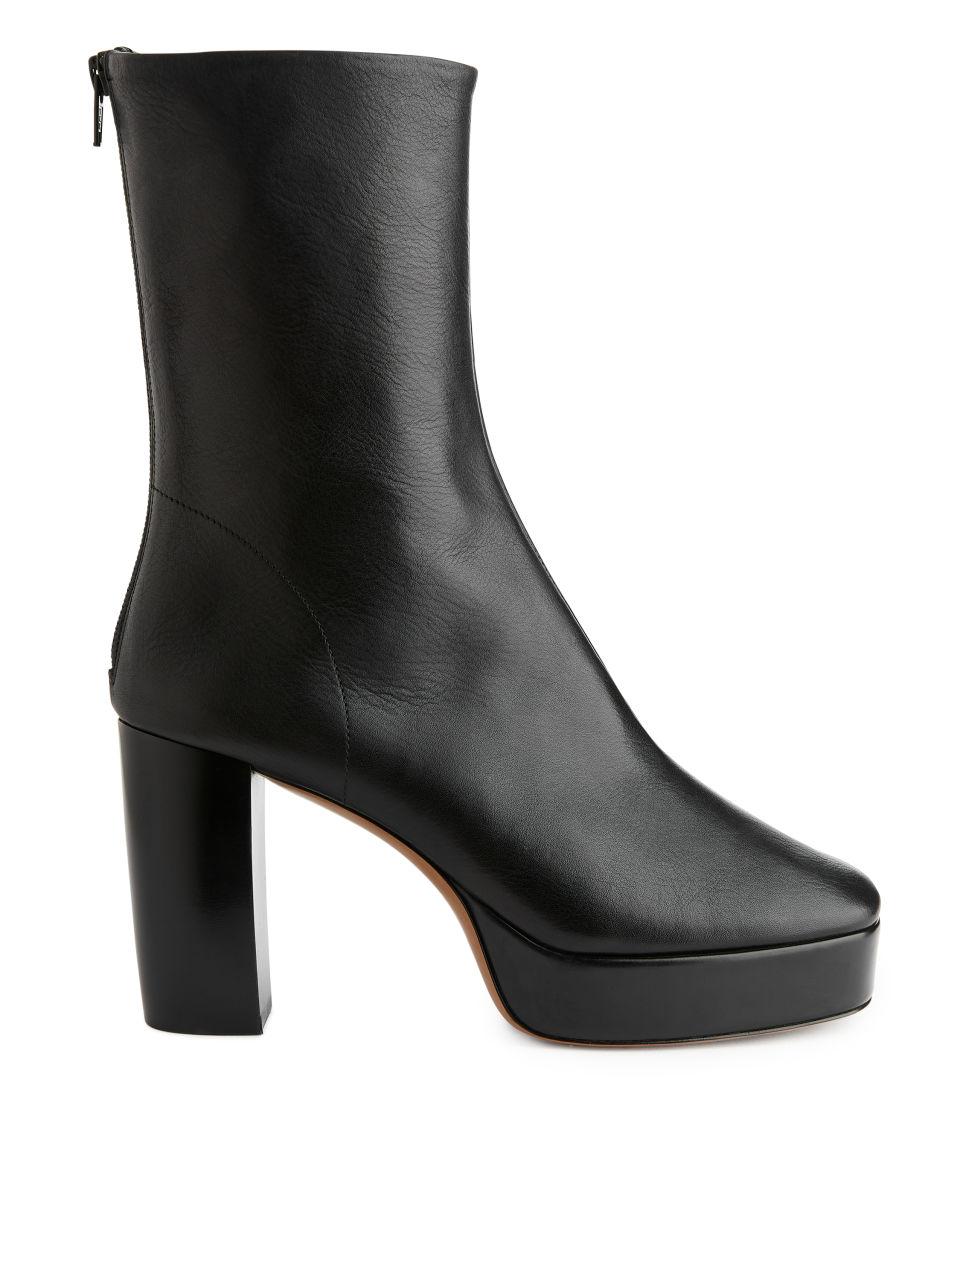 Platform Leather Boots - Black